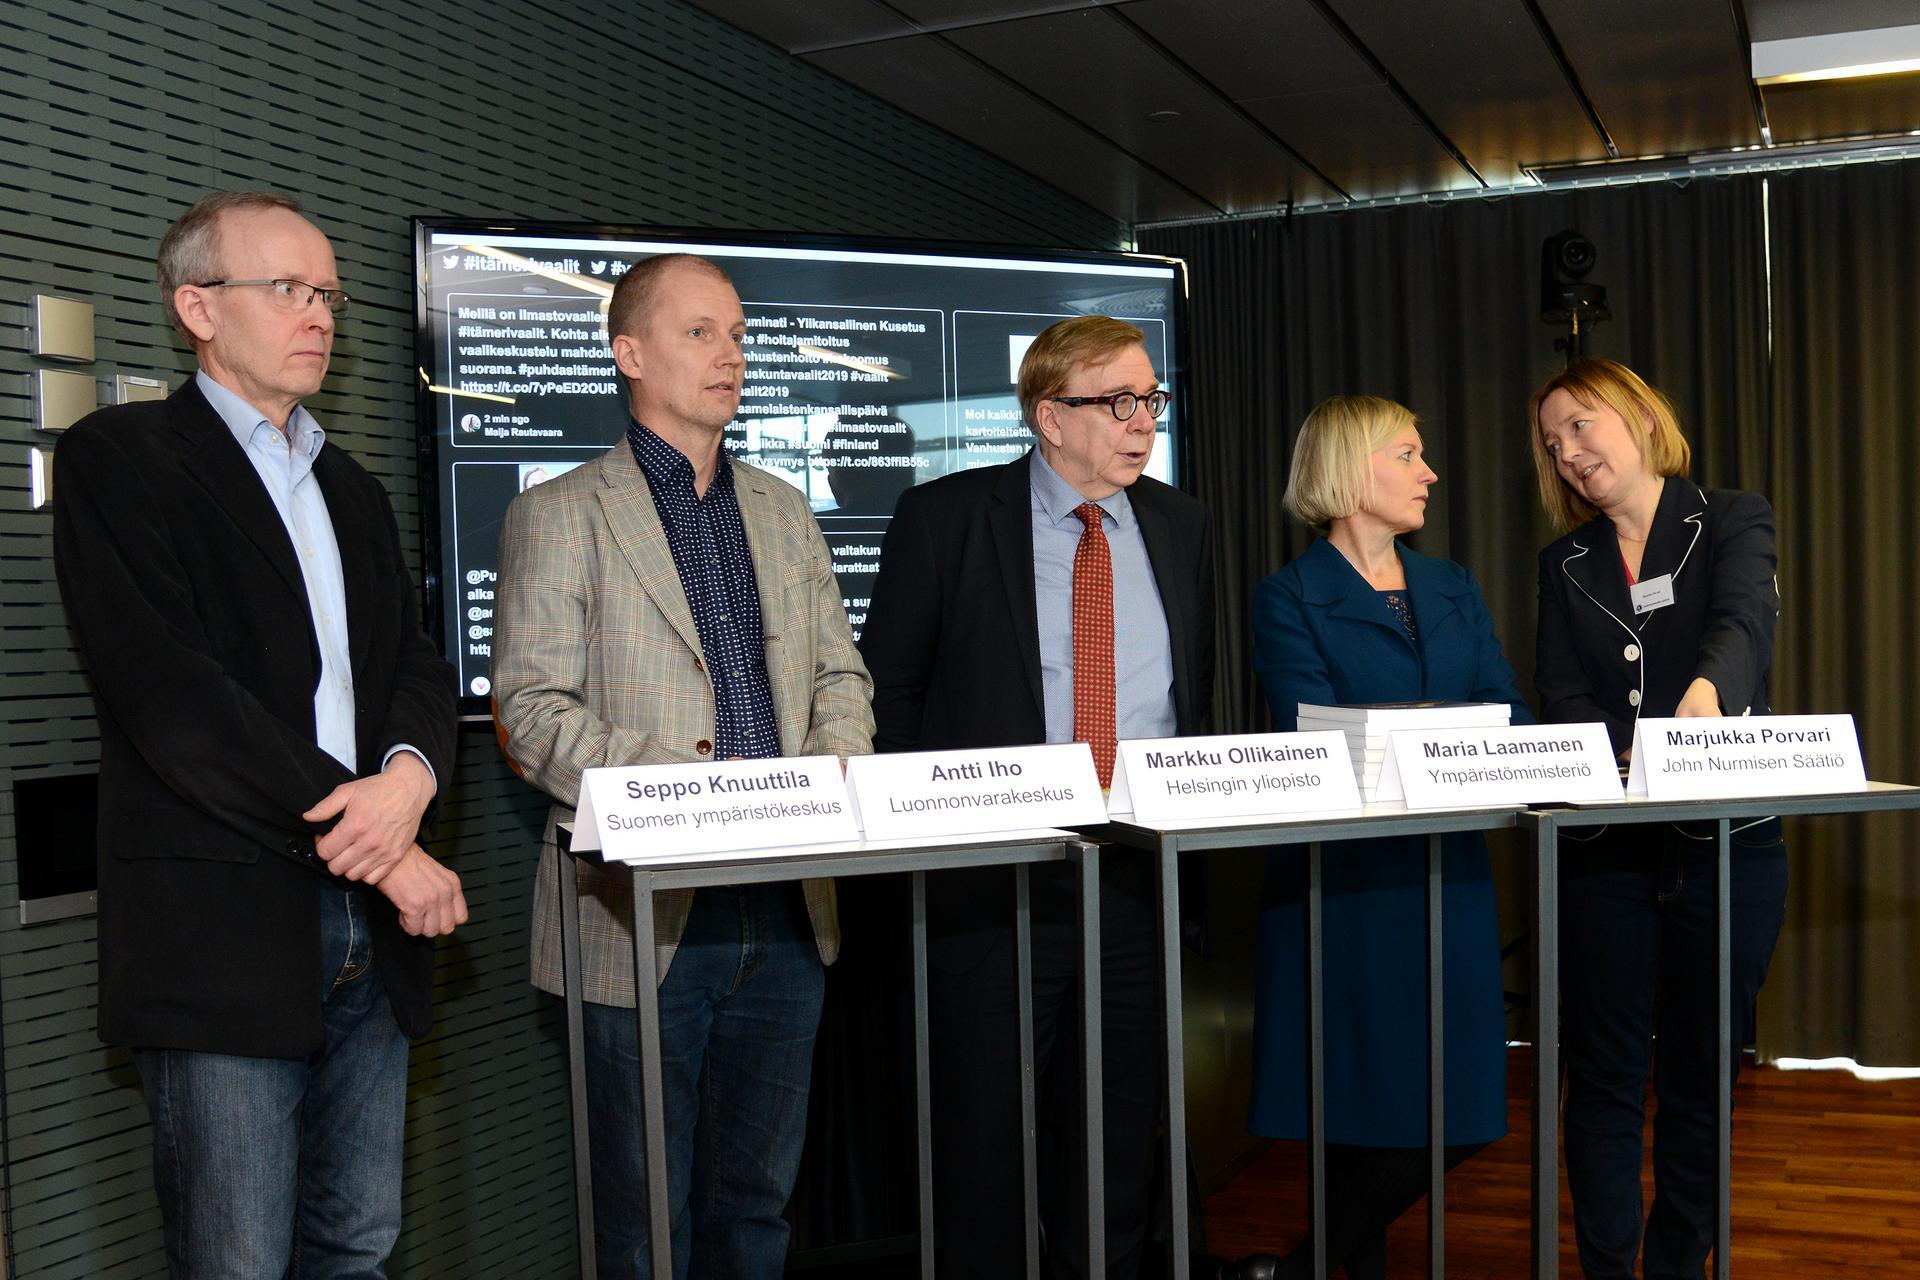 Viisi eri alojen Itämeri-asiantuntijaa seisovat vierekkäin valmiina tarkastamaan Itämeri-faktoja